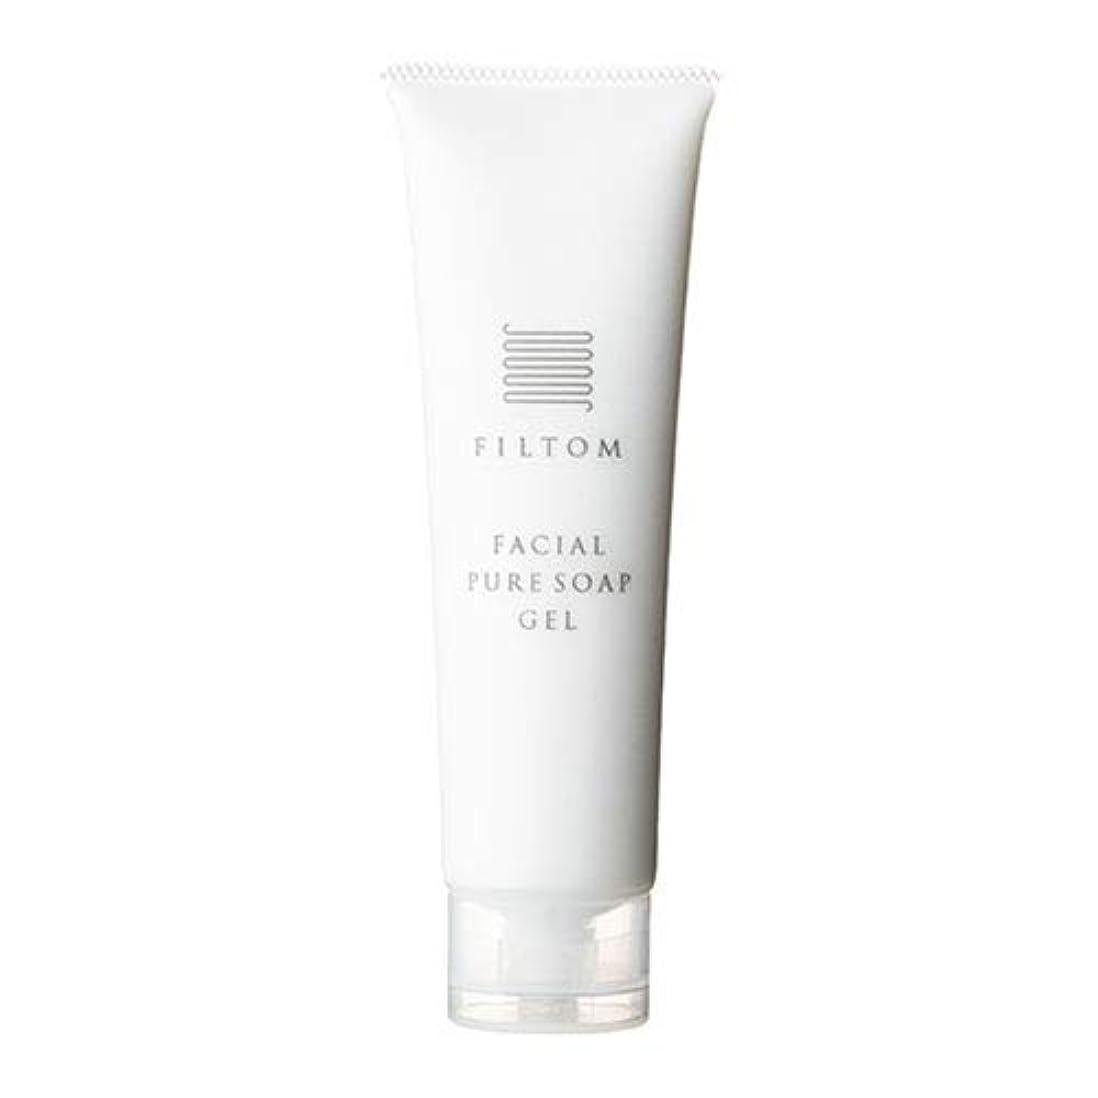 希望に満ちた抑圧正当なフィルトム純石鹸ベース洗顔フォーム S6A 100mL